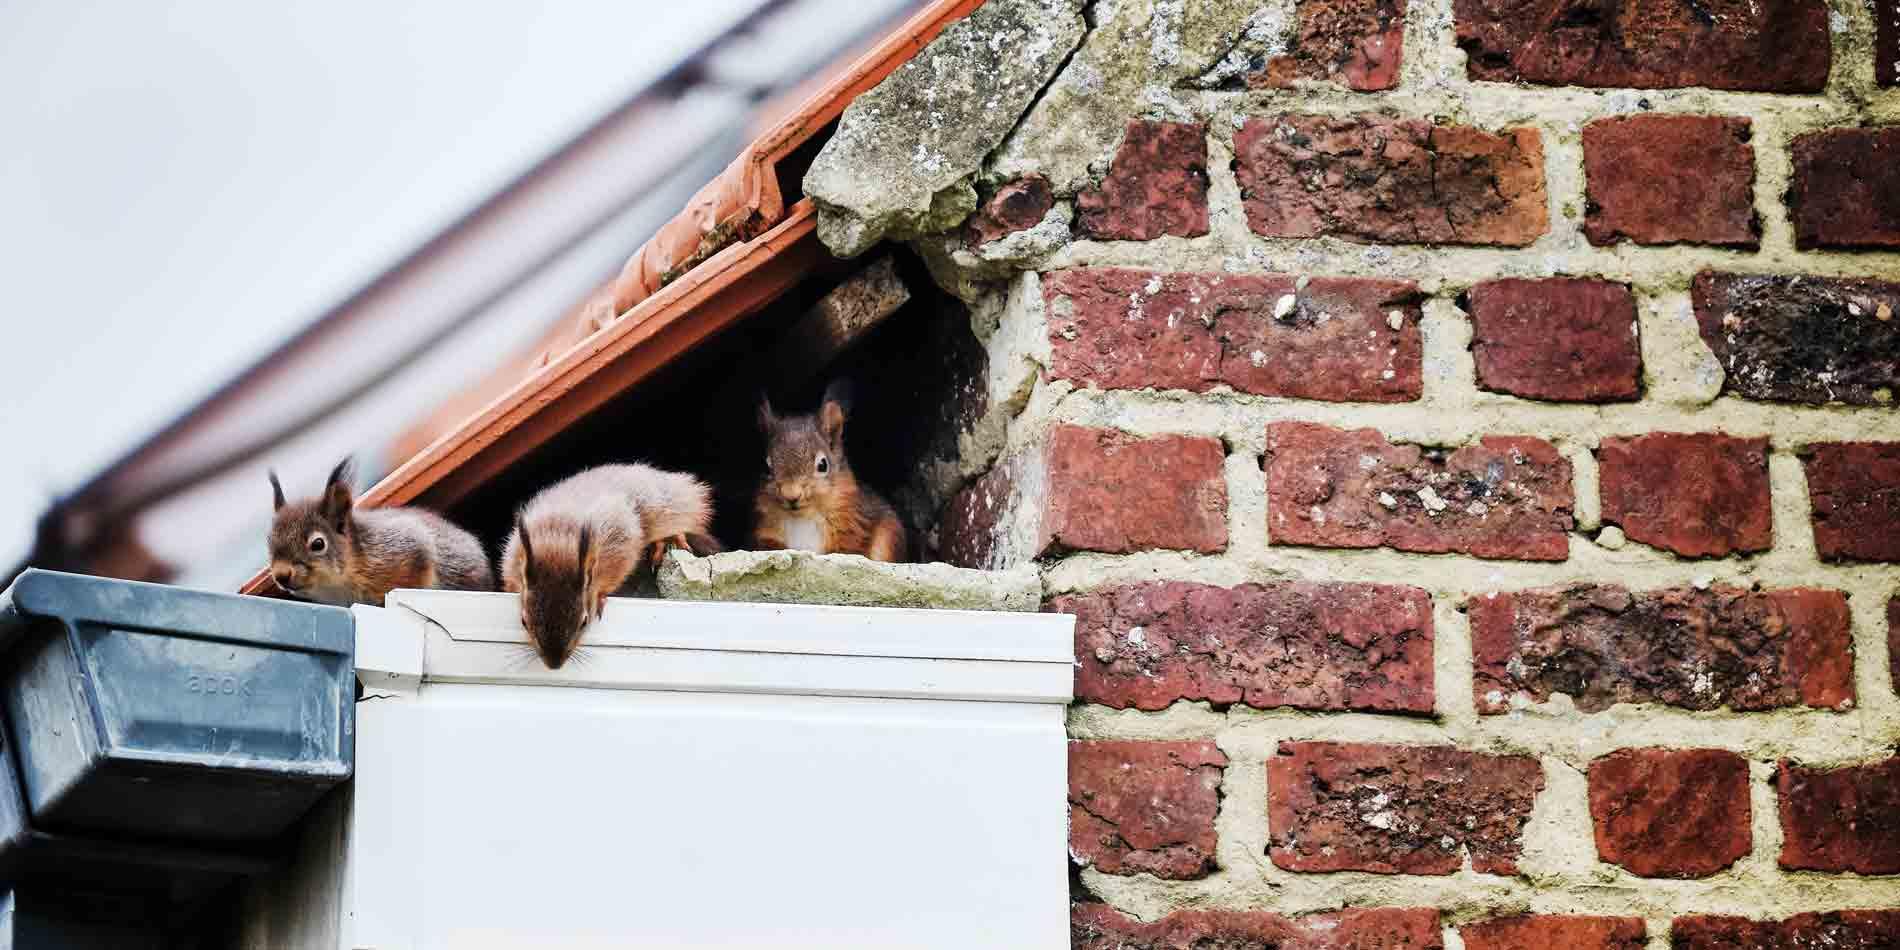 Eichhörnchen nisten